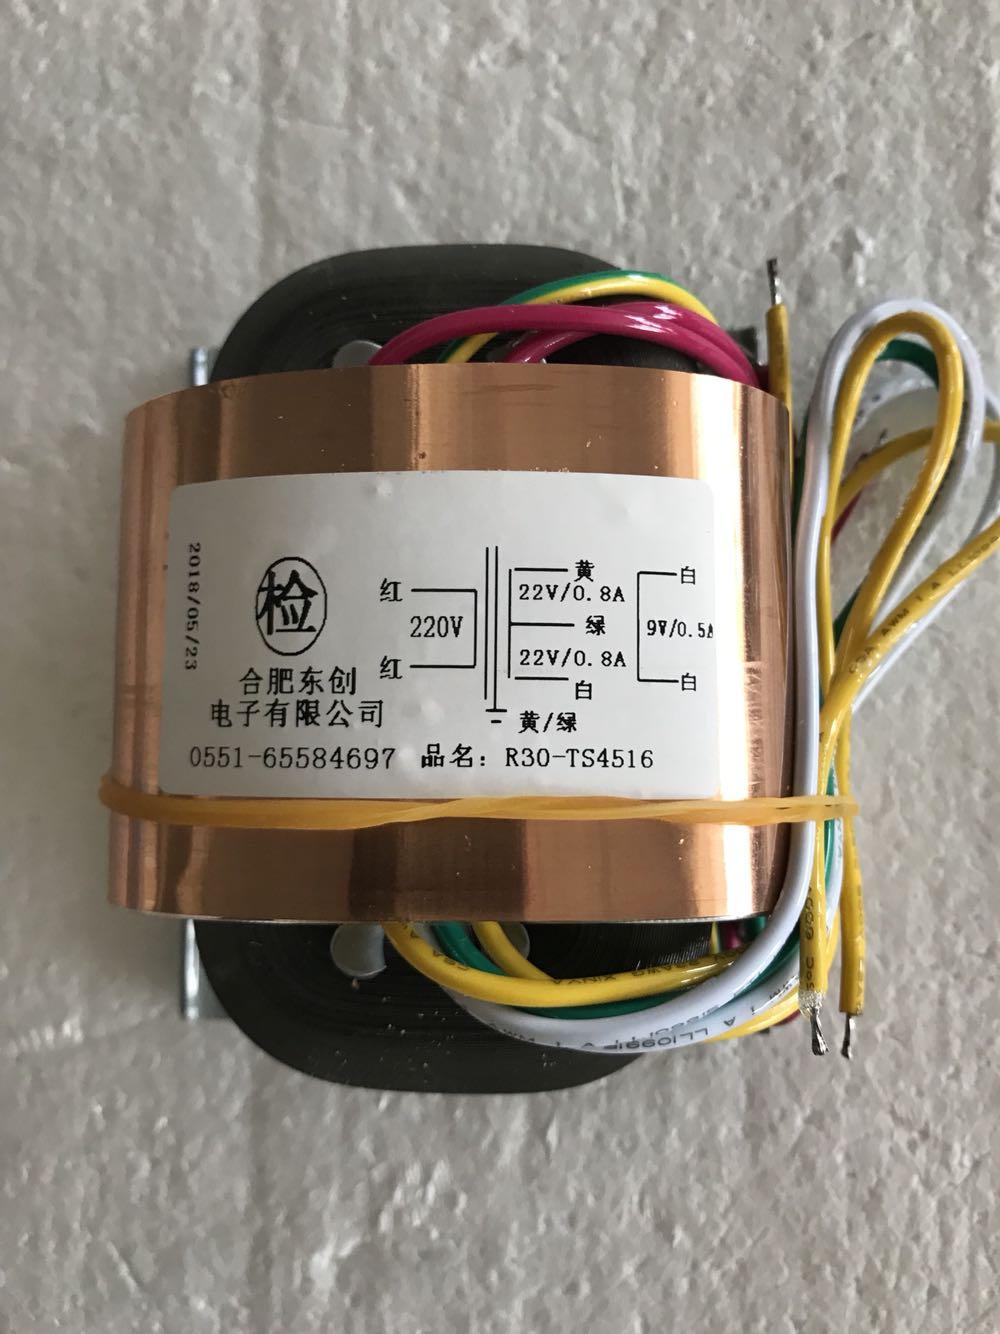 22V-0-22V 0.8A 9V 0.5A R Core Transformer 40VA R30 custom transformer 220V copper shield for Pre-decoder Power amplifier 22V-0-22V 0.8A 9V 0.5A R Core Transformer 40VA R30 custom transformer 220V copper shield for Pre-decoder Power amplifier